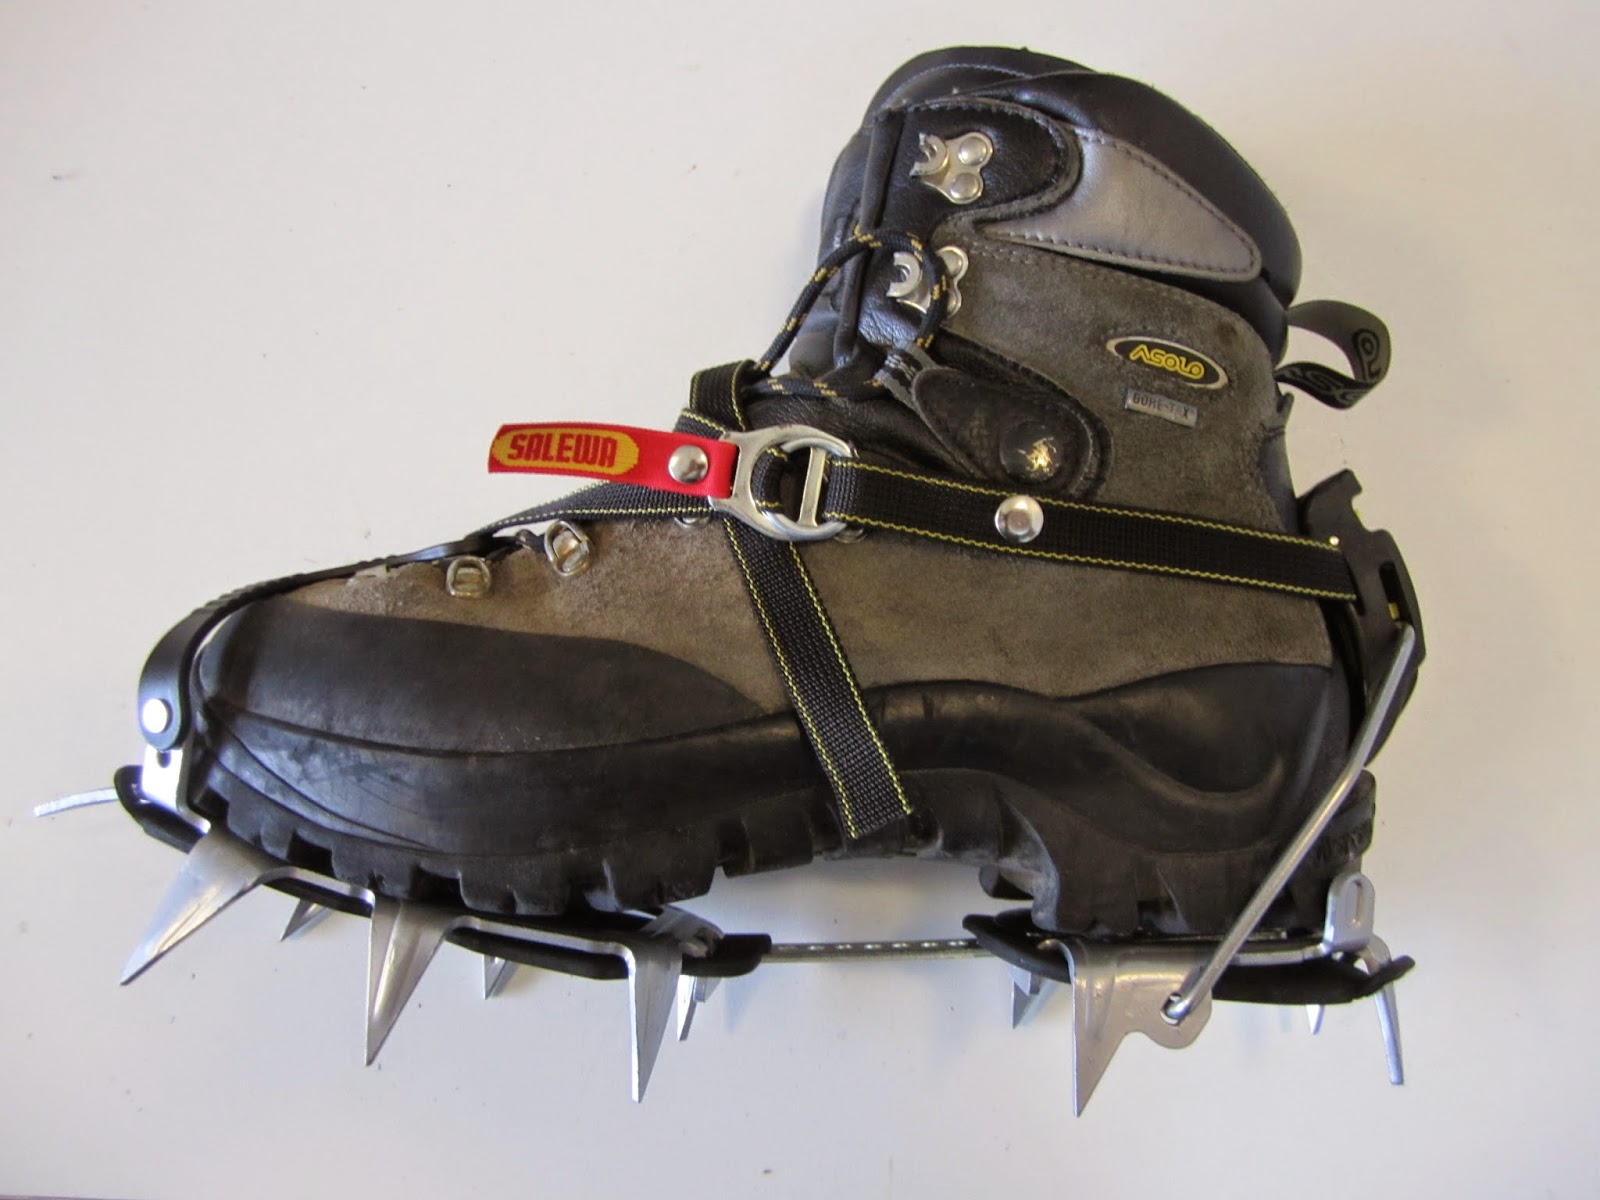 b77e2d2d9 Aqui os detalhes de como são encaixados o conjunto de Grampons. nas botas,  este modelo da ASOLO possui na base da sola, encaixes específicos para este  e ...